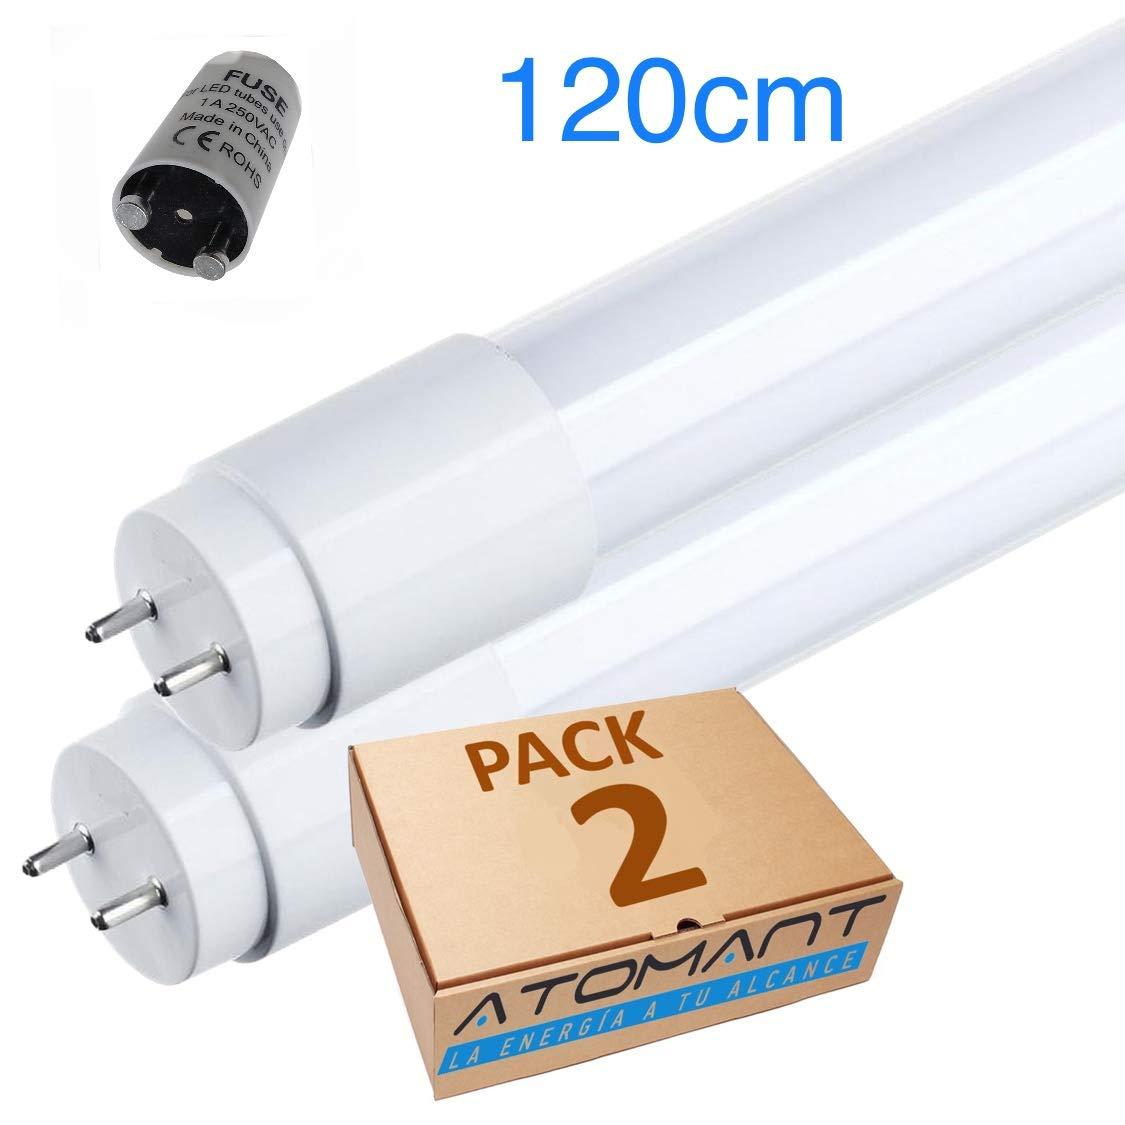 (LA) Tubo de LED 360 grados, 120cm, blanco frío (6500K)